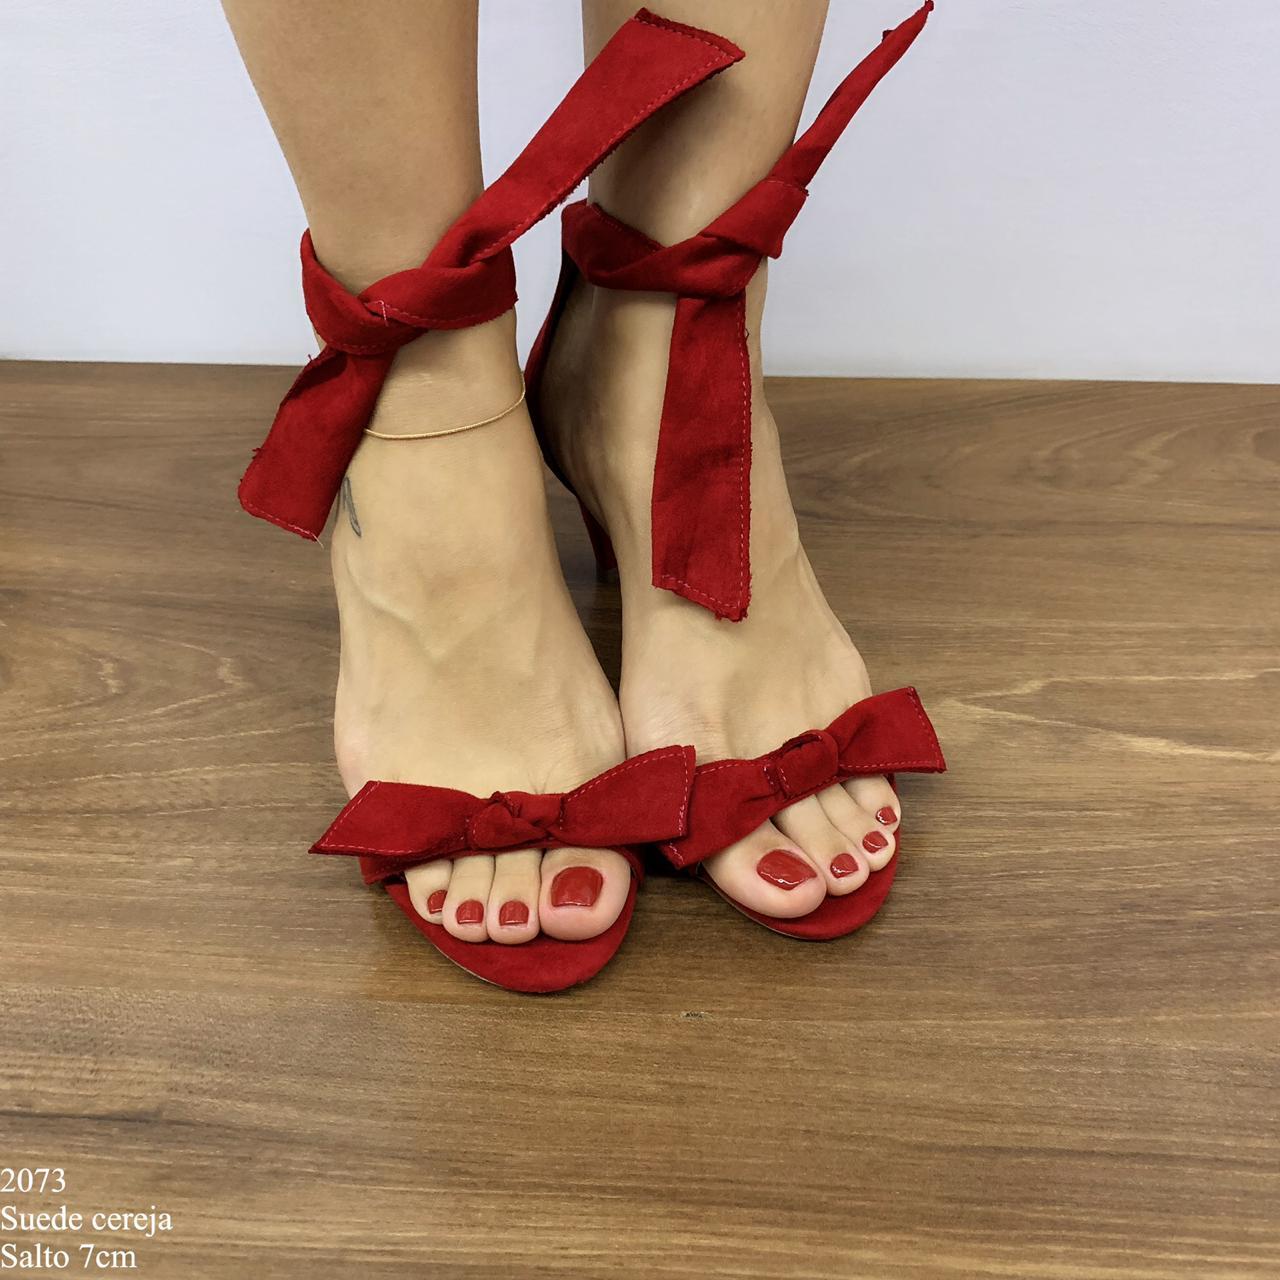 Sandalia Salto Alto com laço Cereja Suede | D-2073